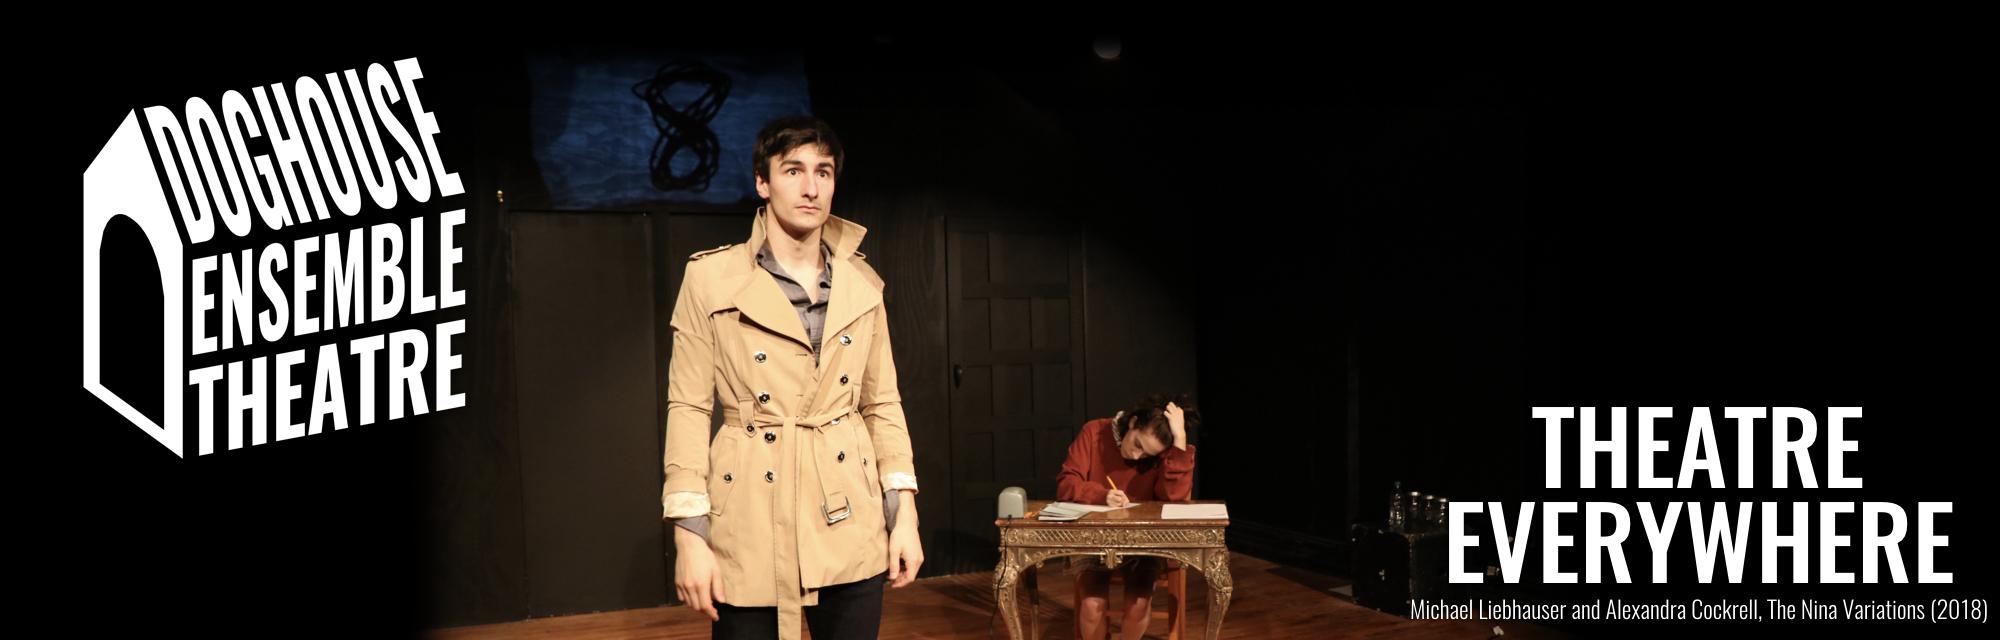 Doghouse Ensemble Theatre